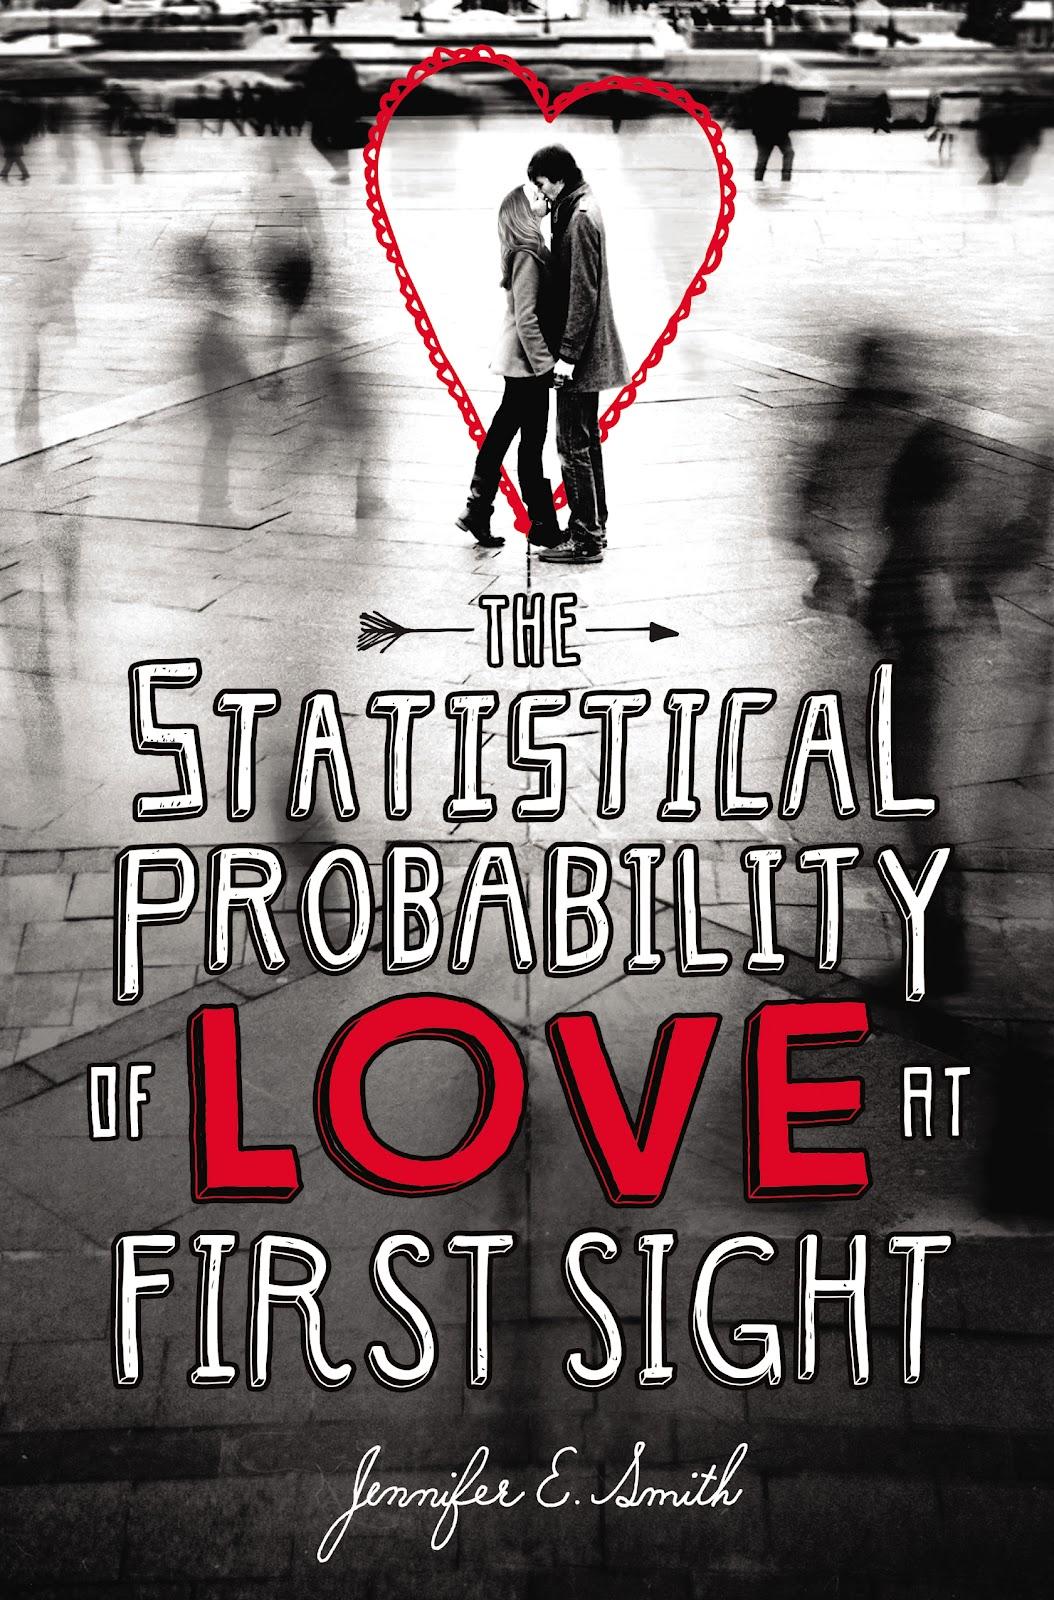 http://3.bp.blogspot.com/-I2T4Rqol84I/T0_sEGvD-3I/AAAAAAAAA7U/1WBmb8BCEp4/s1600/The+Statistical+Probability.jpg